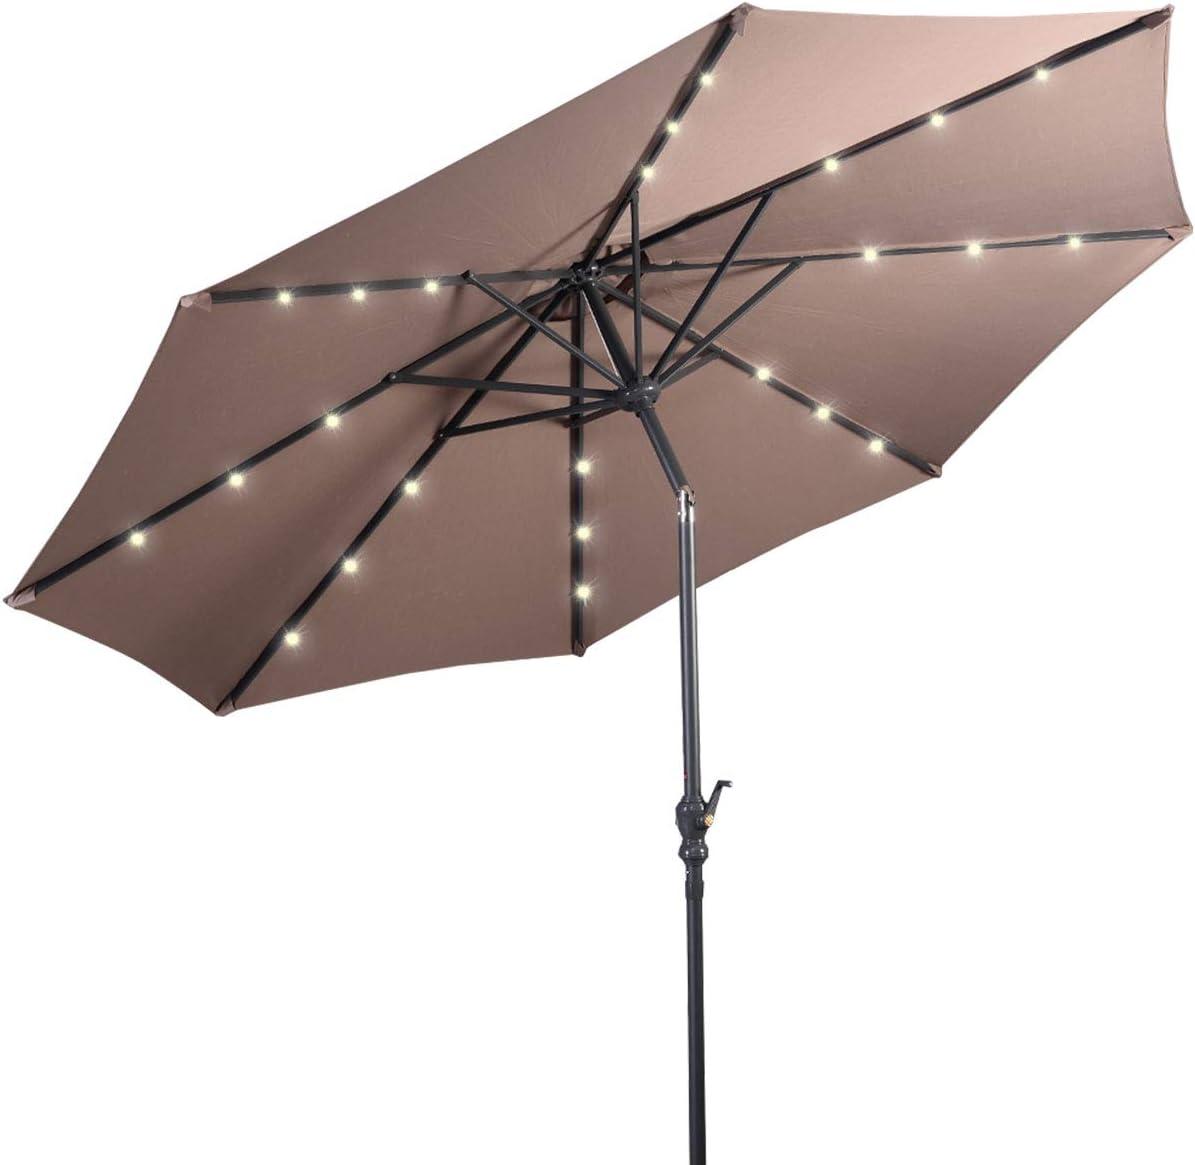 DREAMADE Parasol D/éport/é Inclinable de Jardin en Fer et Polyester 3M avec Manivelle Rotative 24 Lampes /à LED Panneau Solaire de 1,5W Rouge Vineux Beige Brun Beige